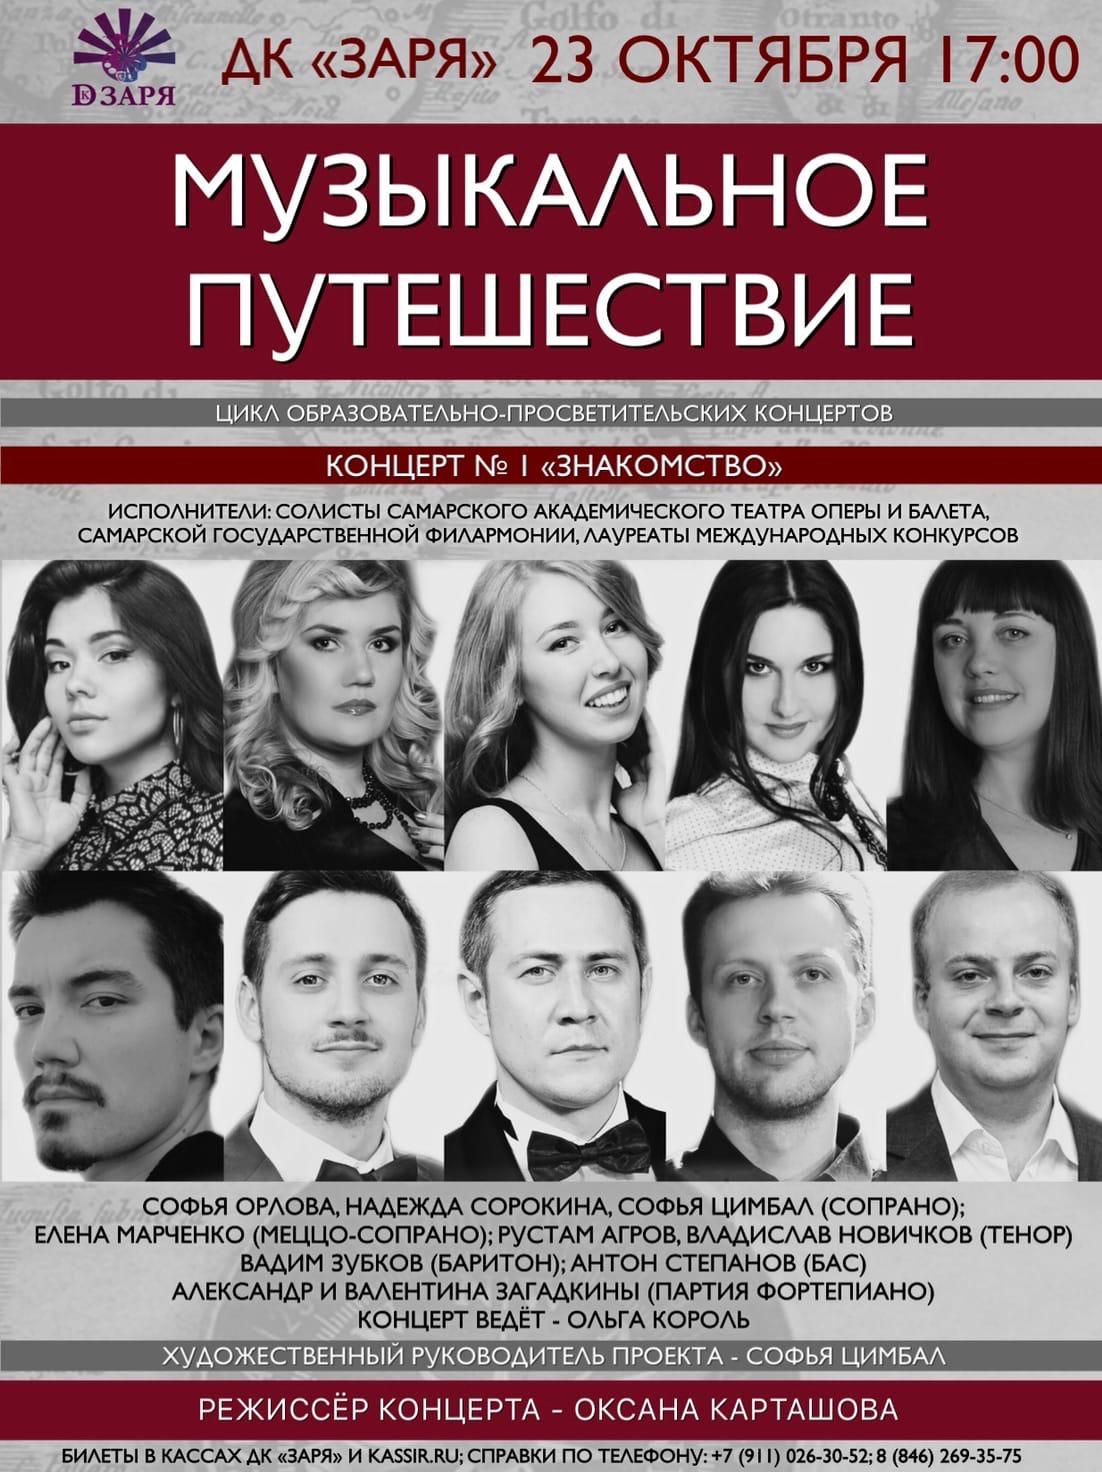 Концерт в ДК Заря